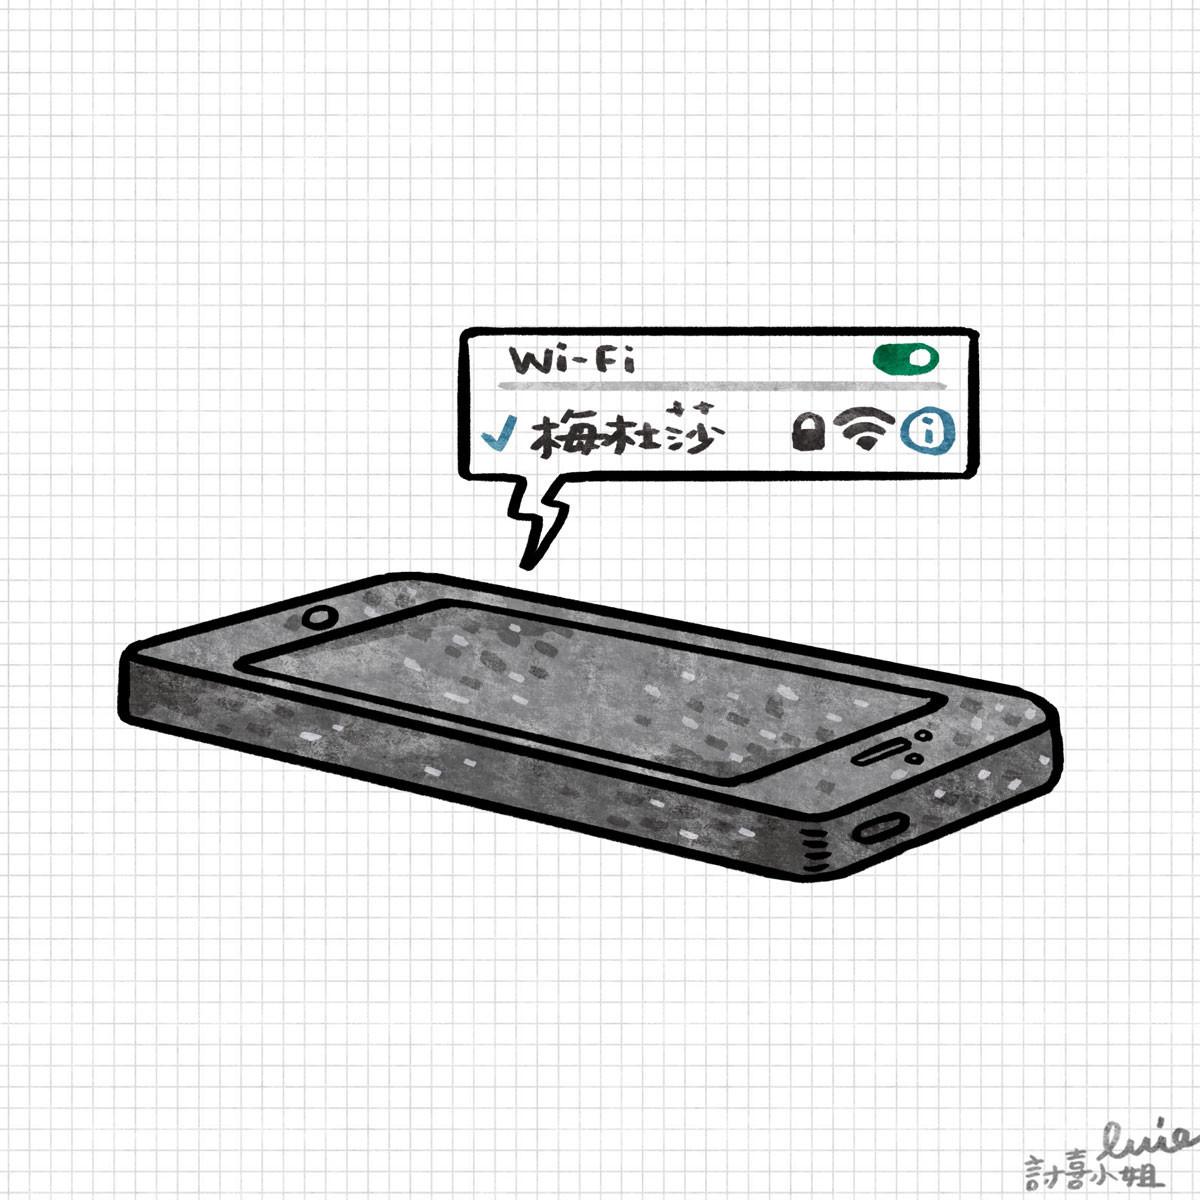 是今日新聞淺談:Wifi 不要亂連,惡意網路有可能會讓 iPhone 變磚這篇文章的首圖